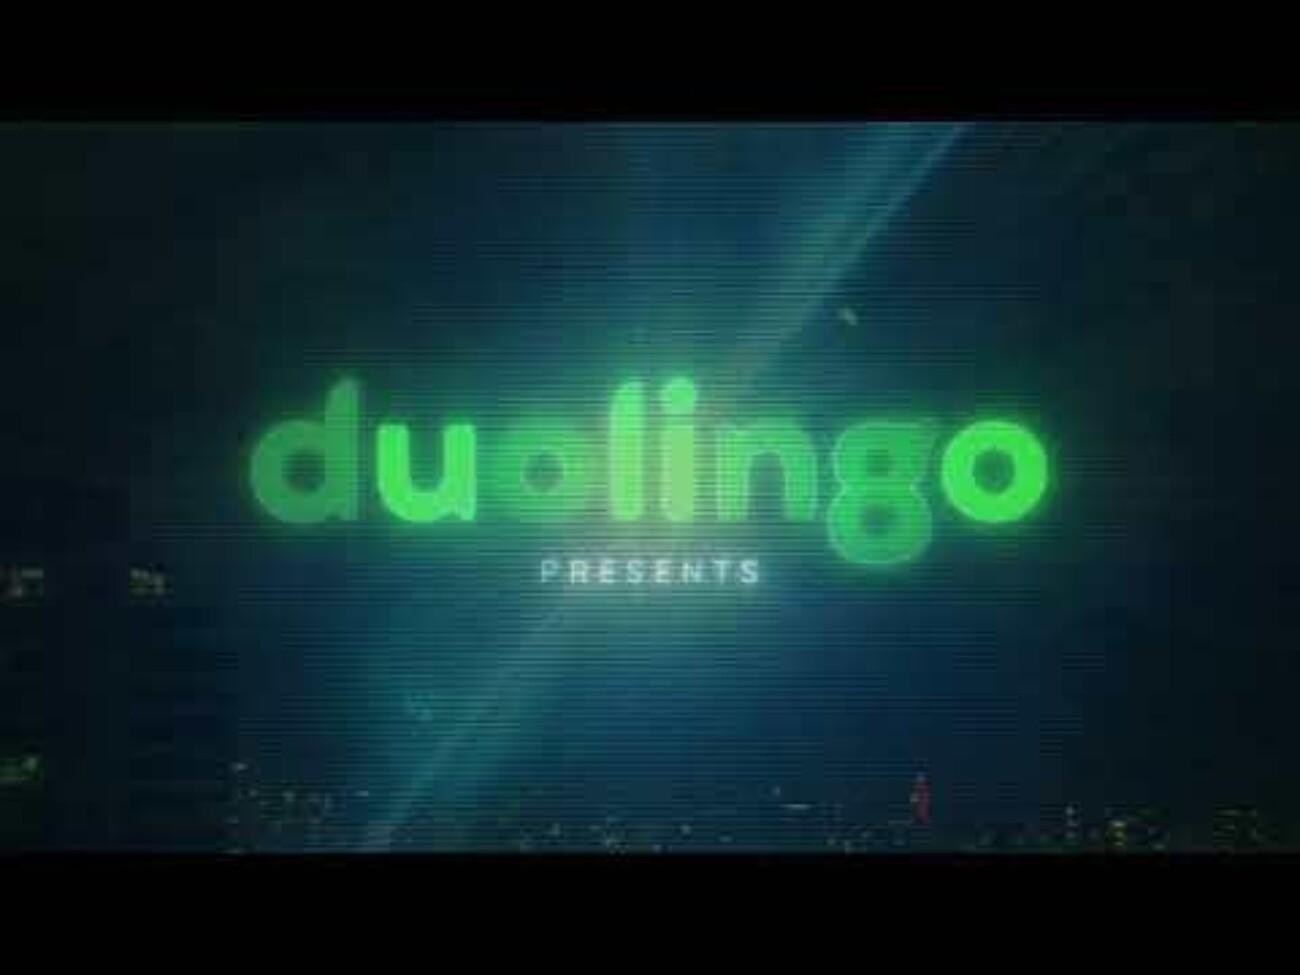 «Неигнорируемые пуши»: Duolingo напомнил пользователям о пропущенных уроках с помощью огромных уведомлений на зданиях